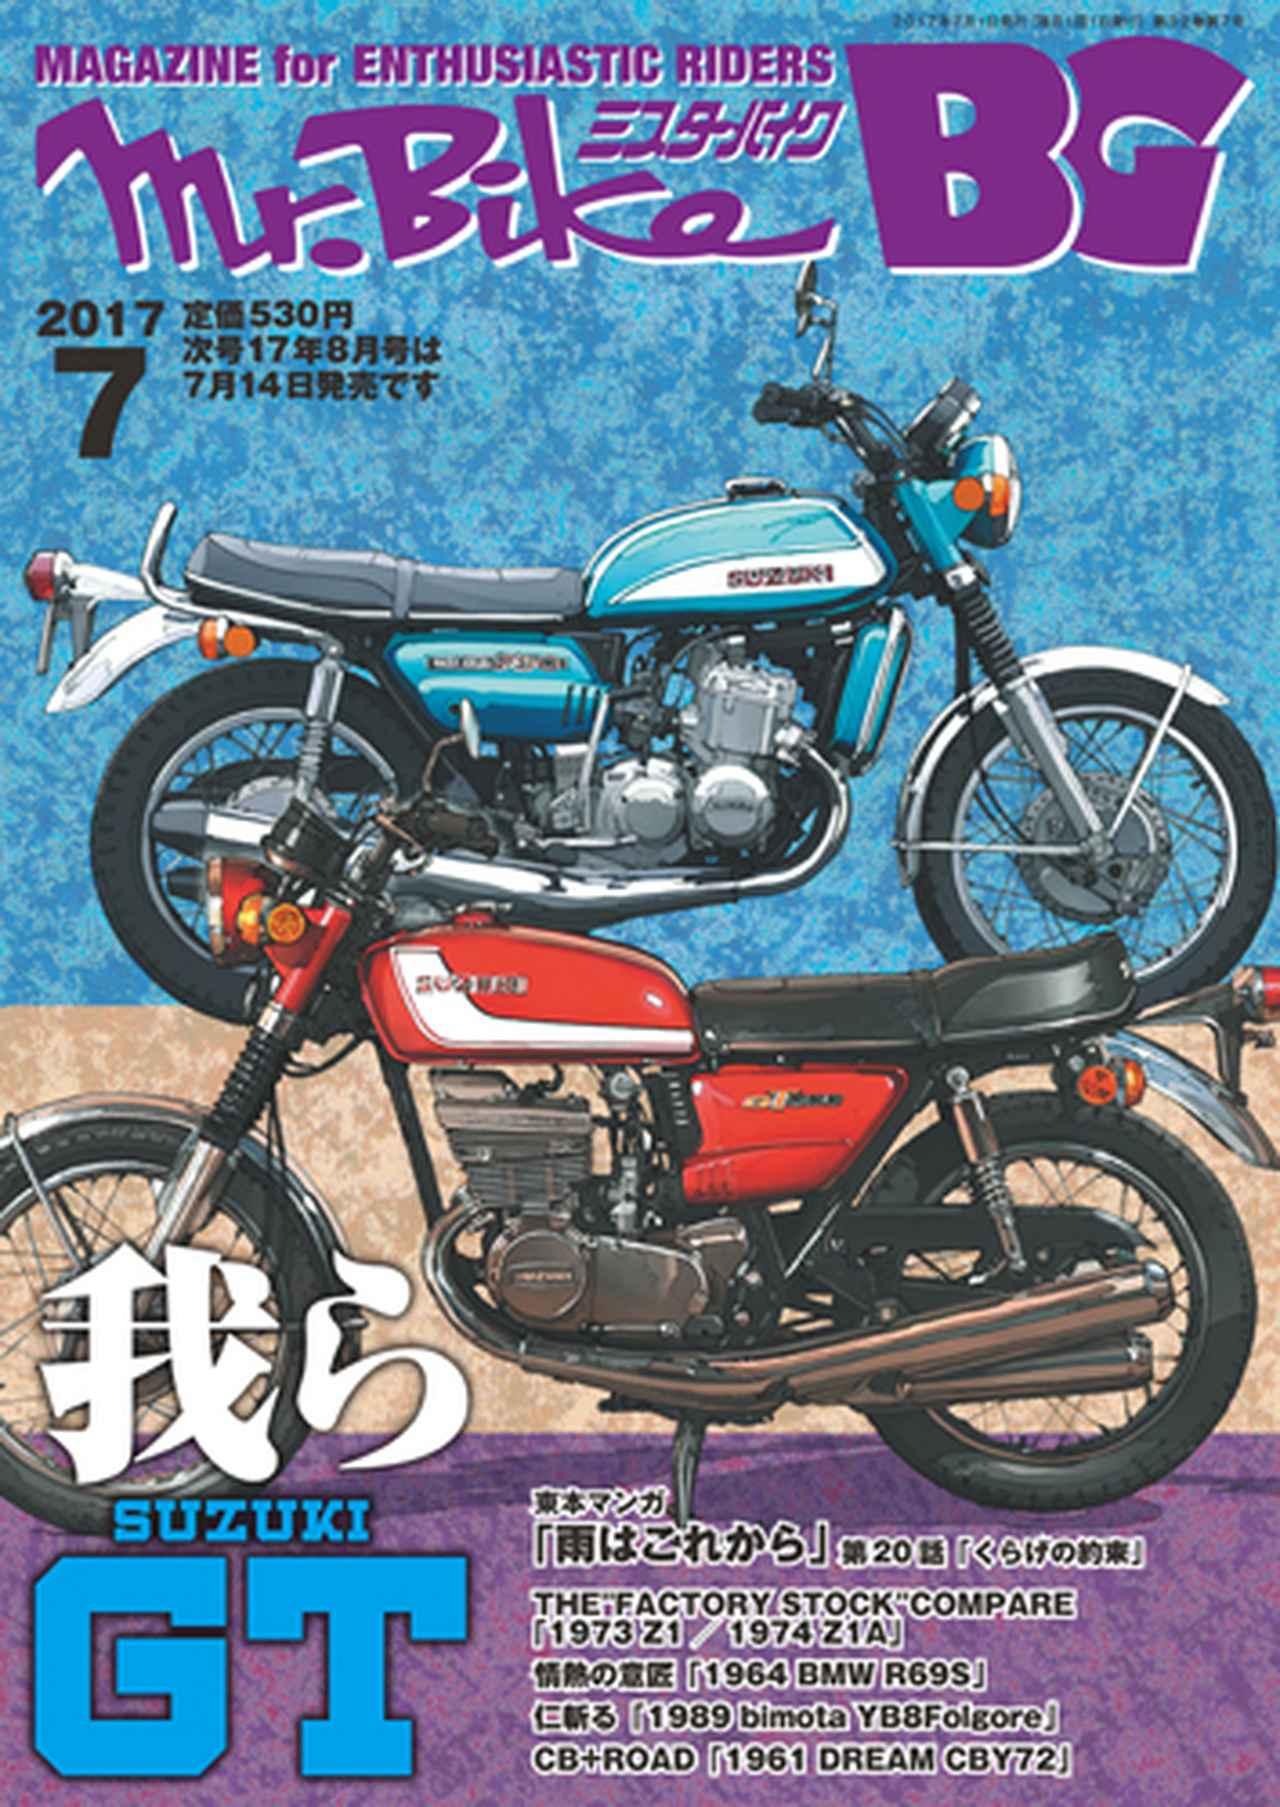 画像: Motor Magazine Ltd. / モーターマガジン社 / Mr.Bike BG 2017年 7月号